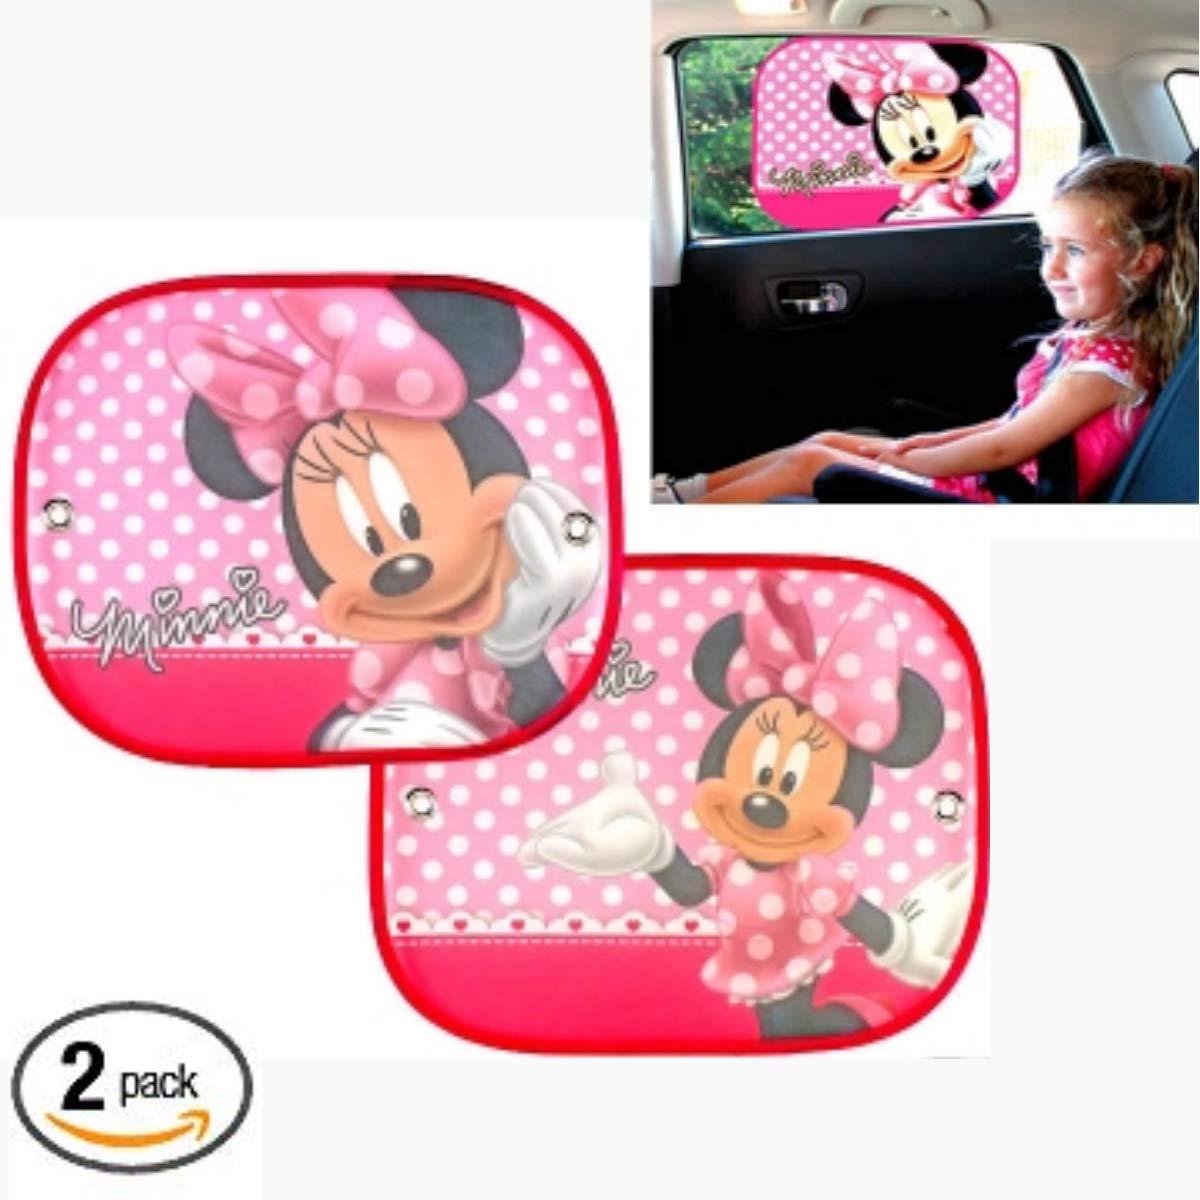 Minnie The Mouse Parasole per Auto Disney Mickey Mouse 2 Pezzi Parasole per finestrini dellauto  Protezione per Raggi solari abbaglianti e Raggi UV per Il Tuo Bambino 44x36 cm